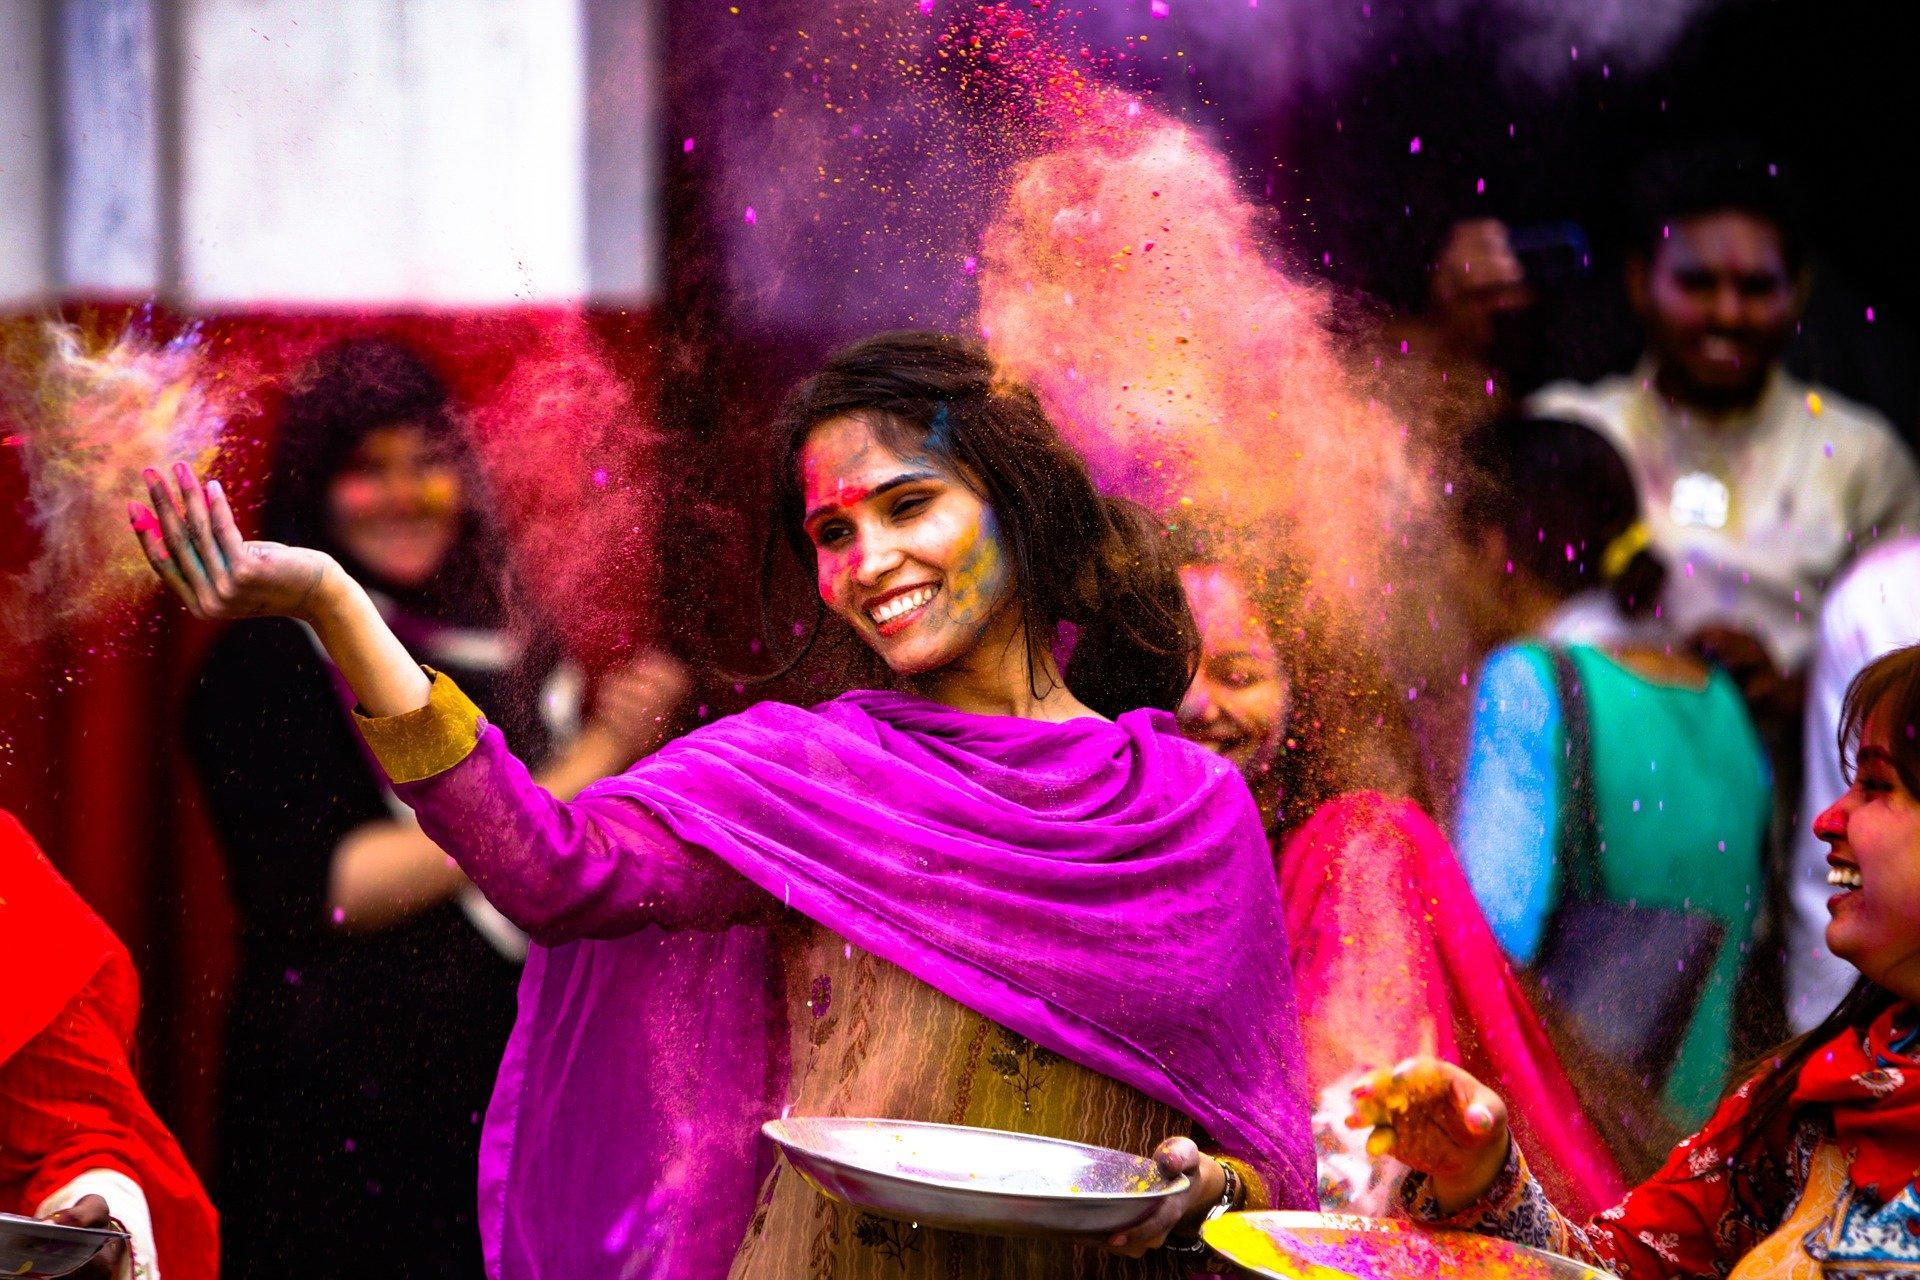 Volontariato Internazionale in India per musica e danza con i bambini